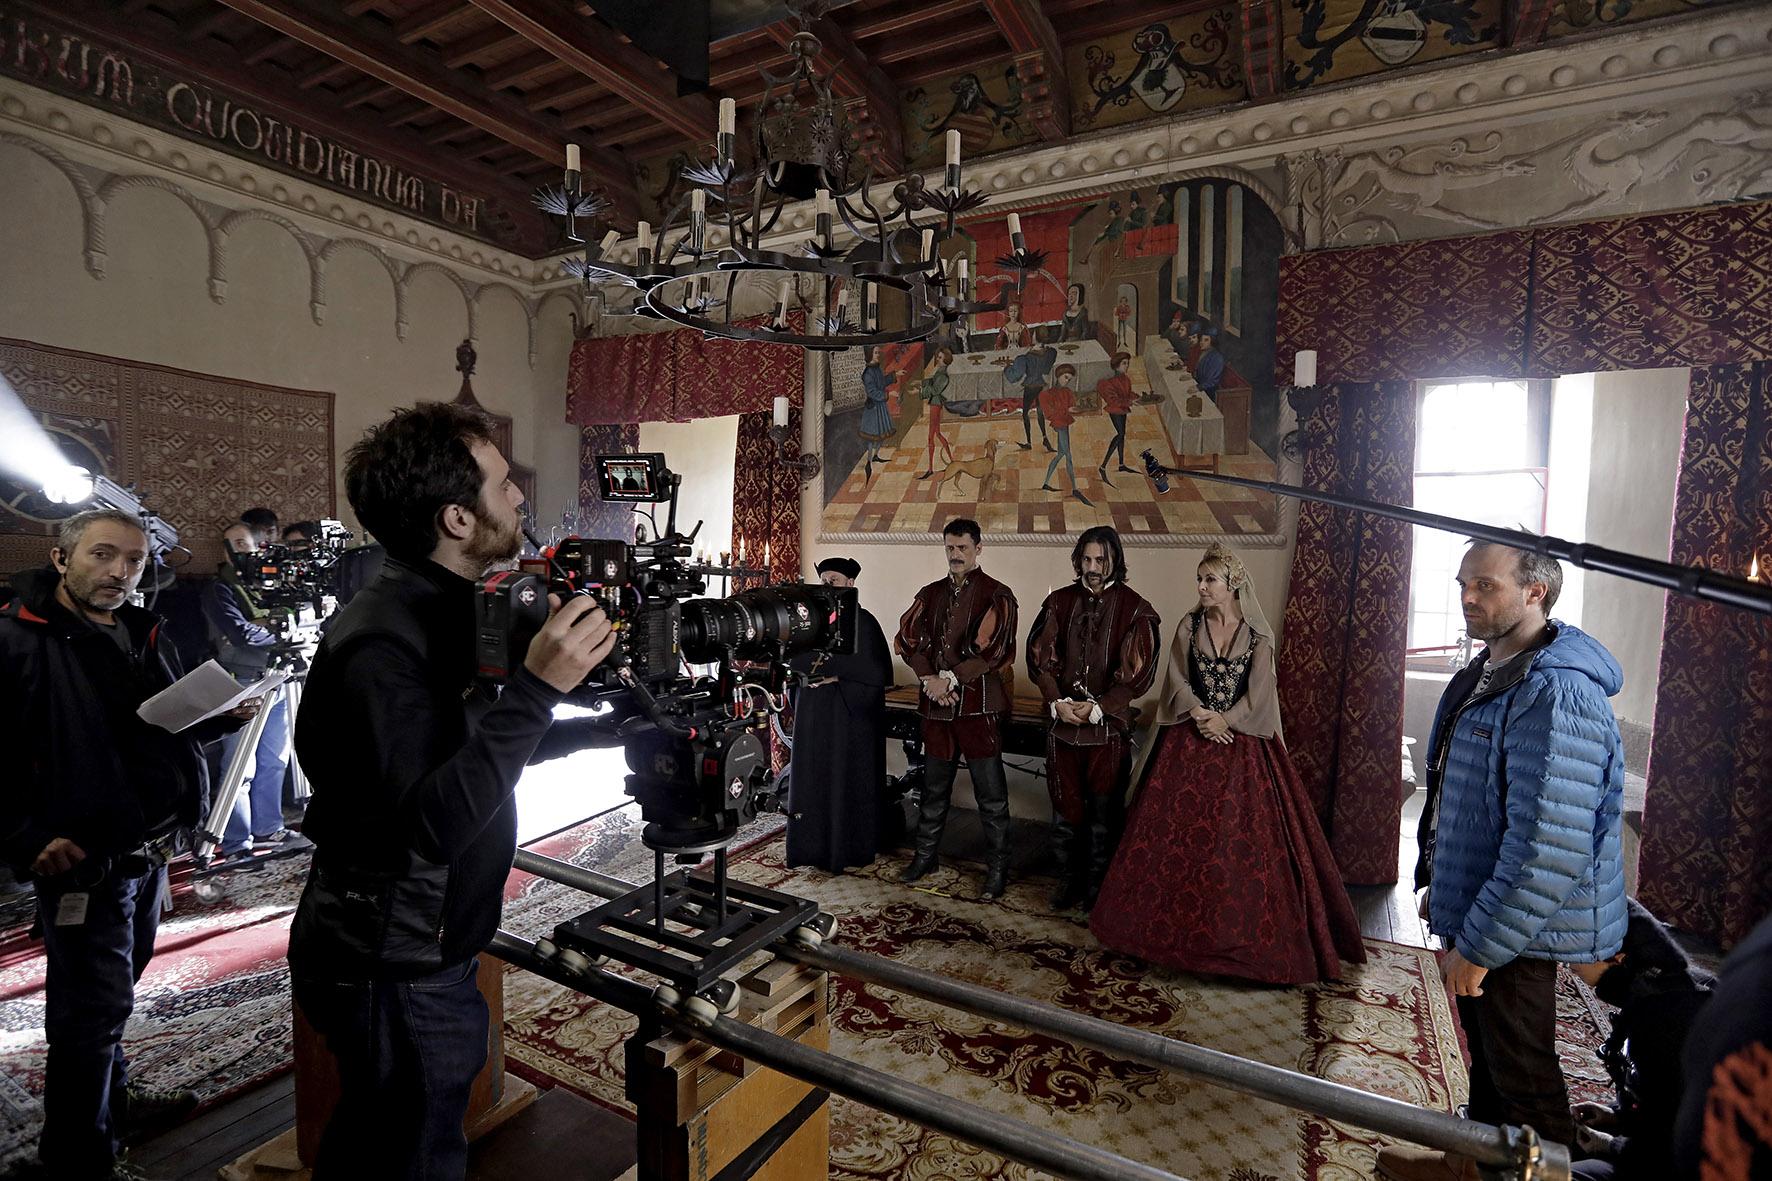 El Ministerio del Tiempo - Castillo Guadamur © RTVE